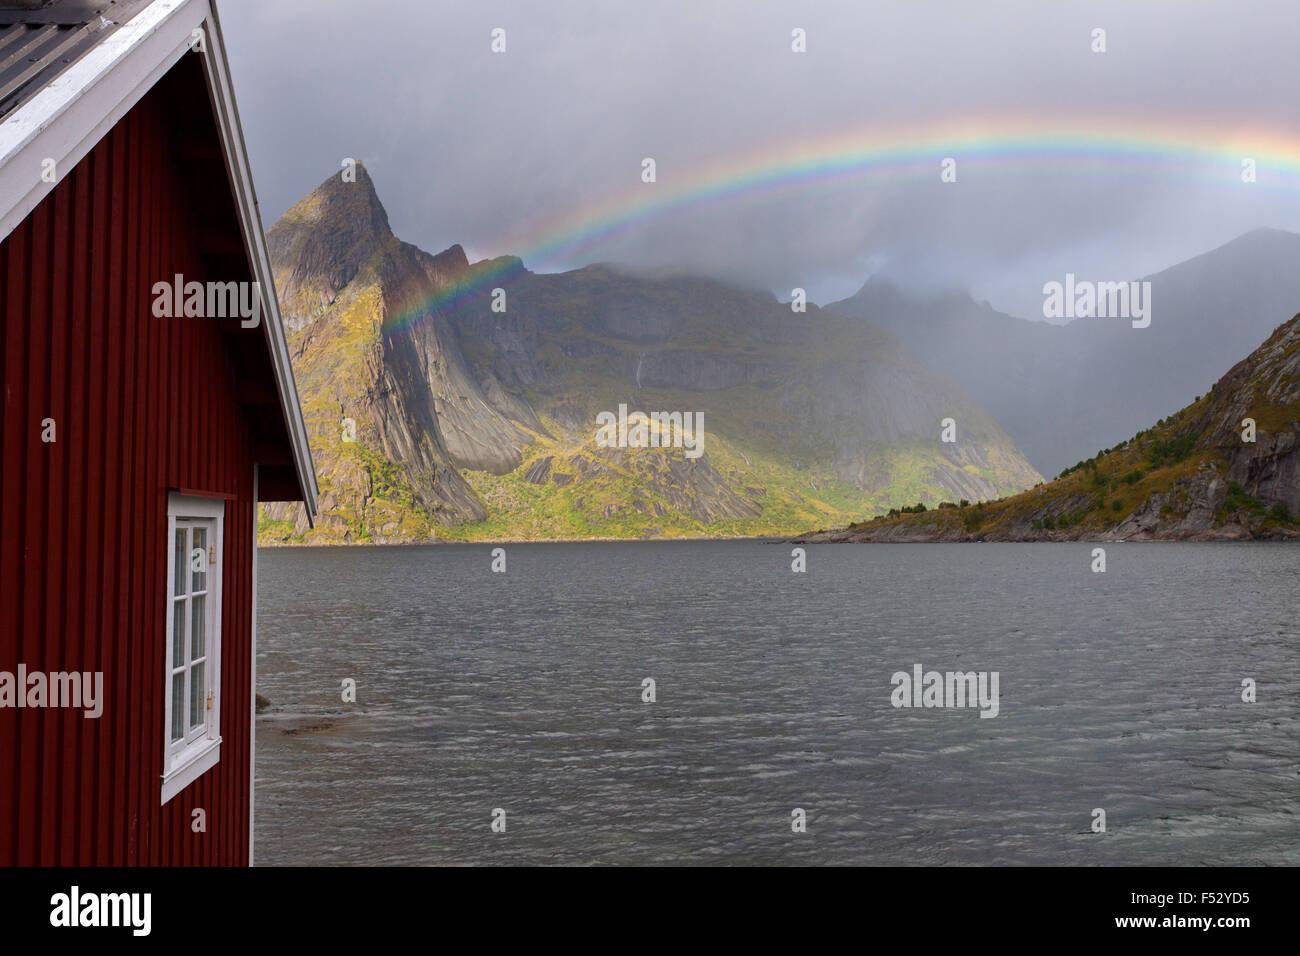 Hut, fjord, rainbow, Olstinden, Lofoten, Norway - Stock Image